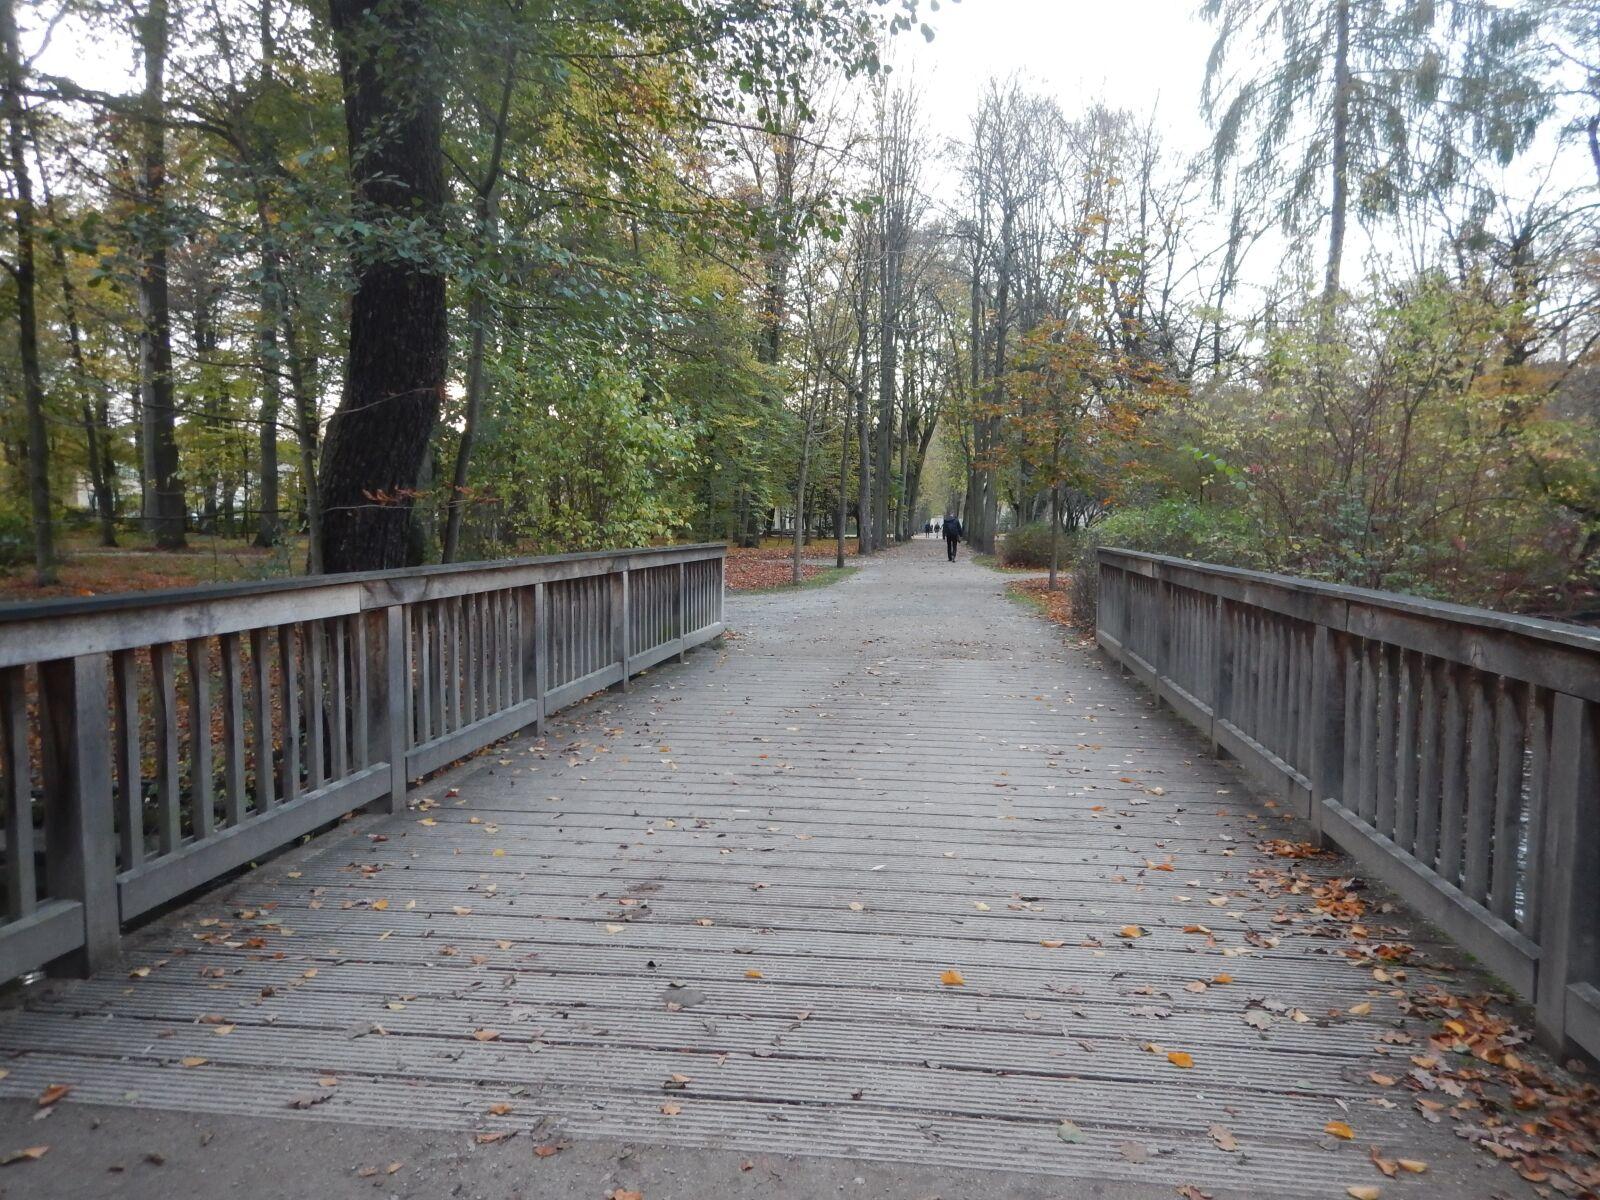 """Nikon Coolpix AW120 sample photo. """"Bridge, park, landscape"""" photography"""